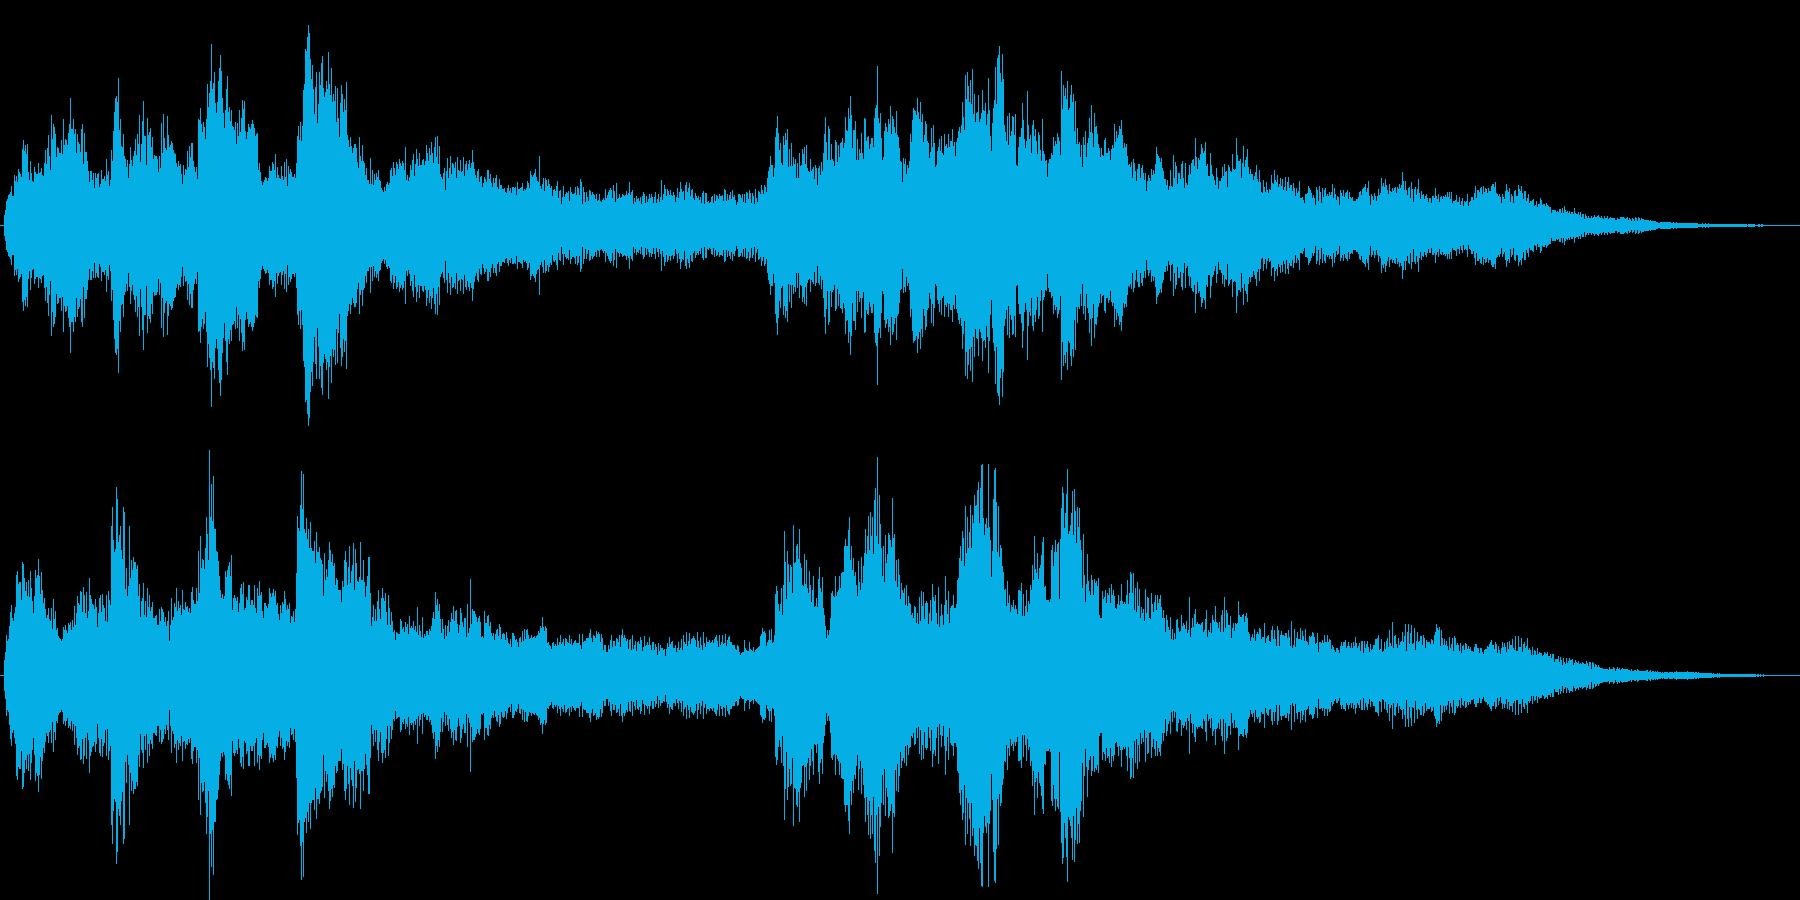 琴やシンセを使った和風なジングルの再生済みの波形